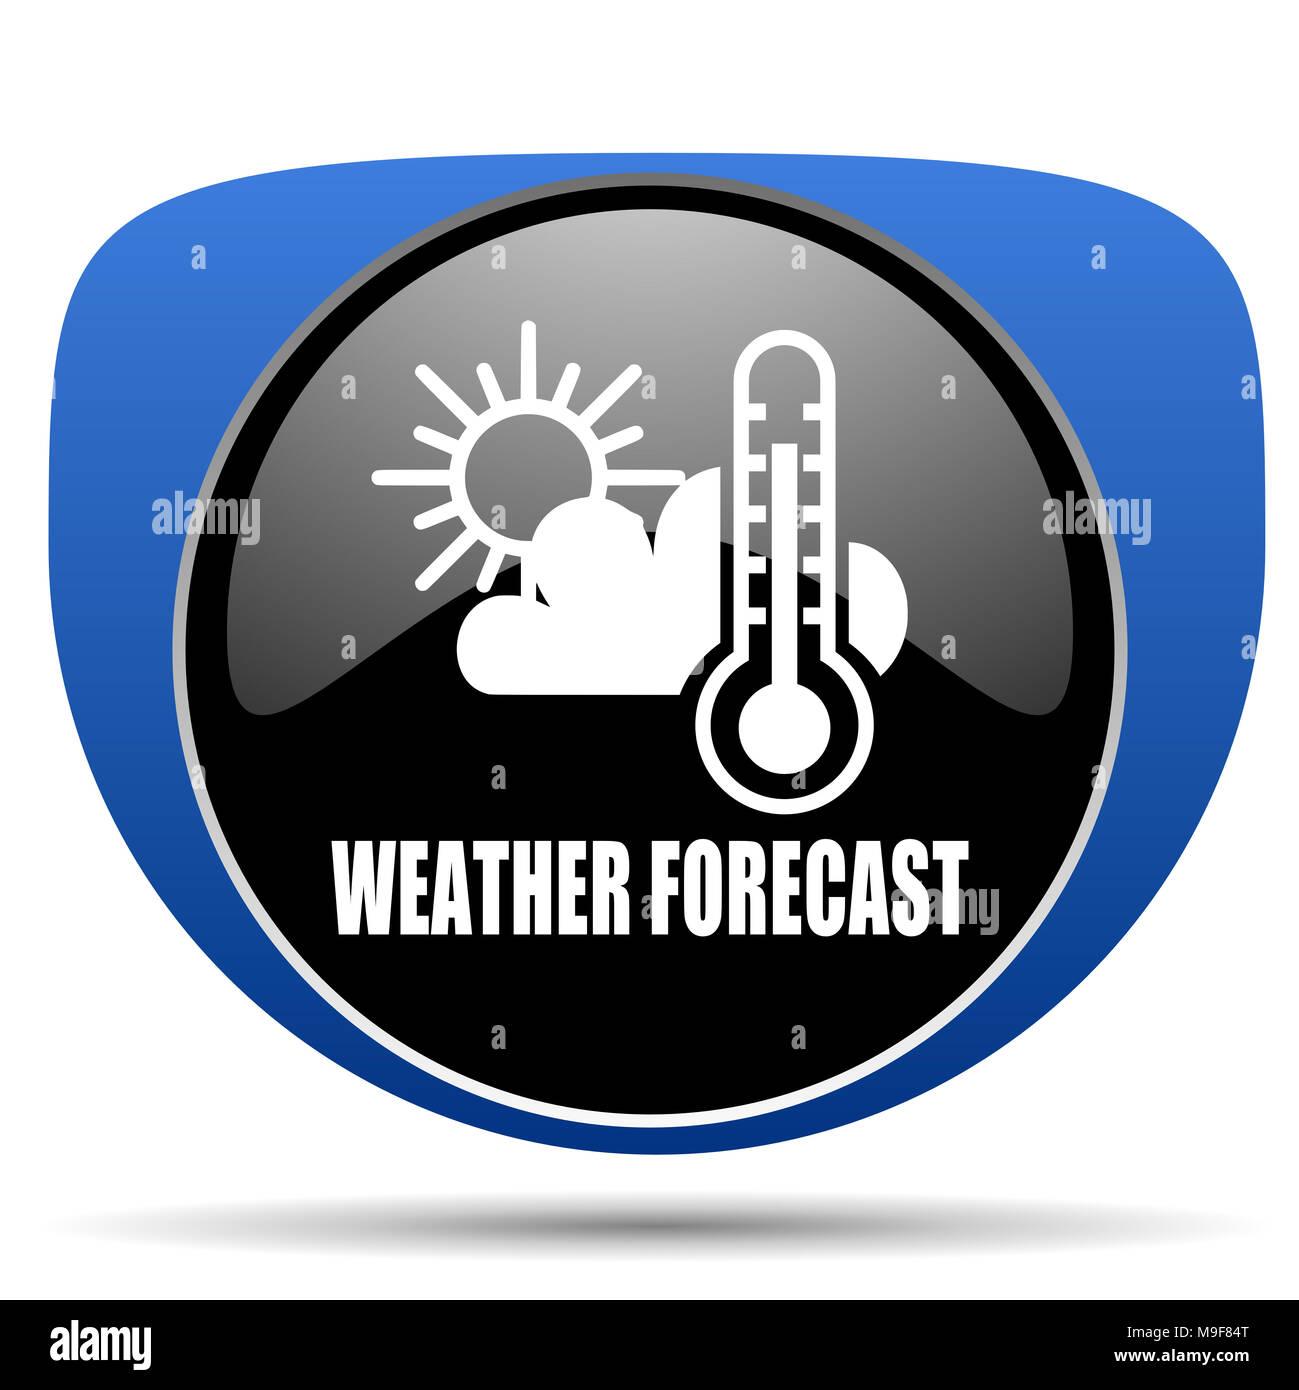 Weather forecast web icon - Stock Image